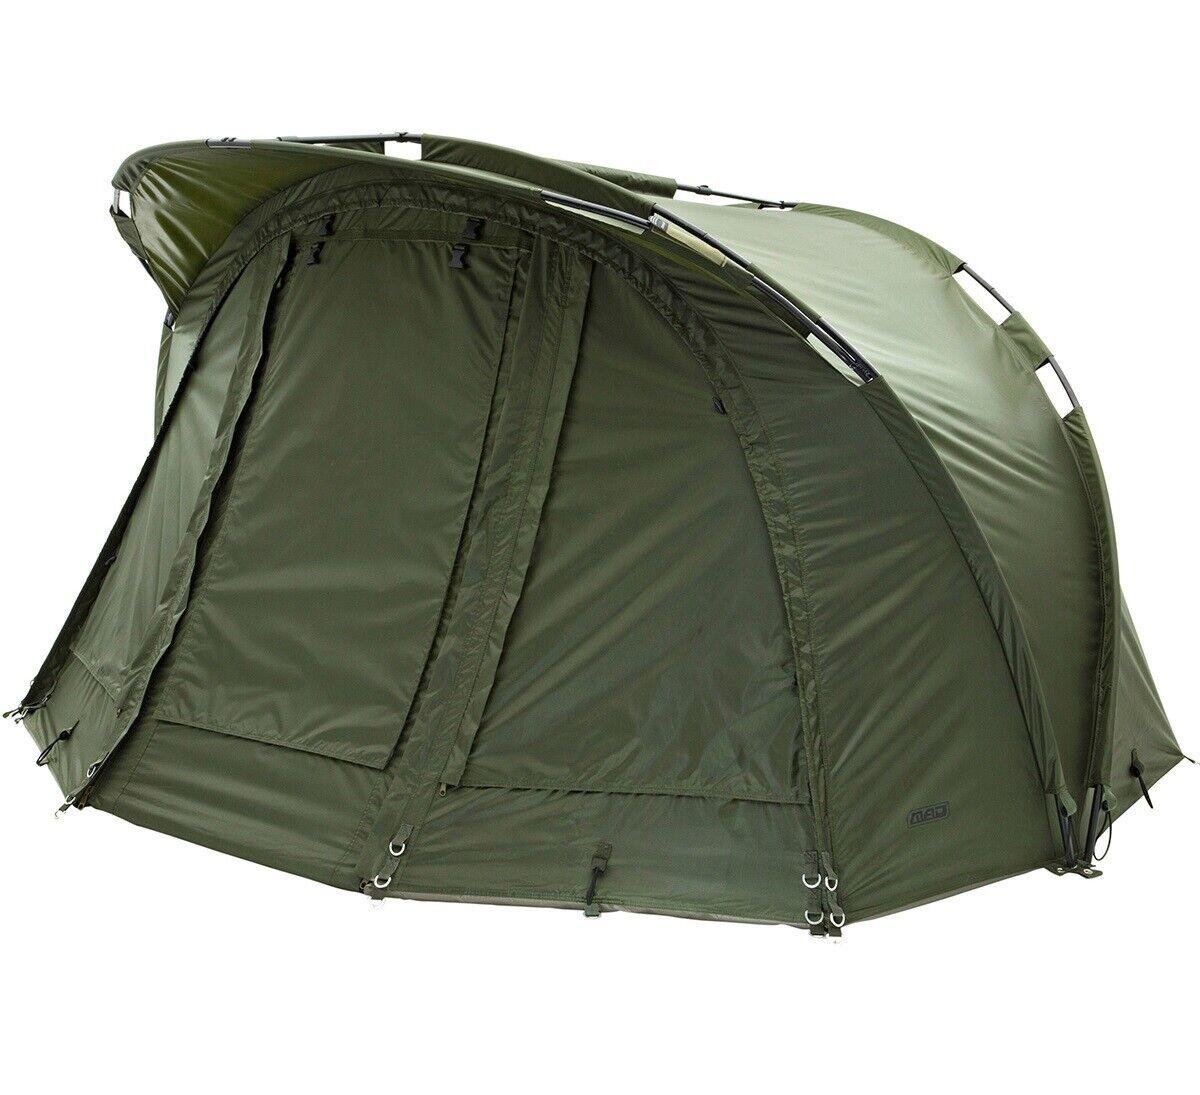 Dam Mad One Man Dome carpa para celebraciones angel 1-hombre Angler tienda de camping tienda Tent